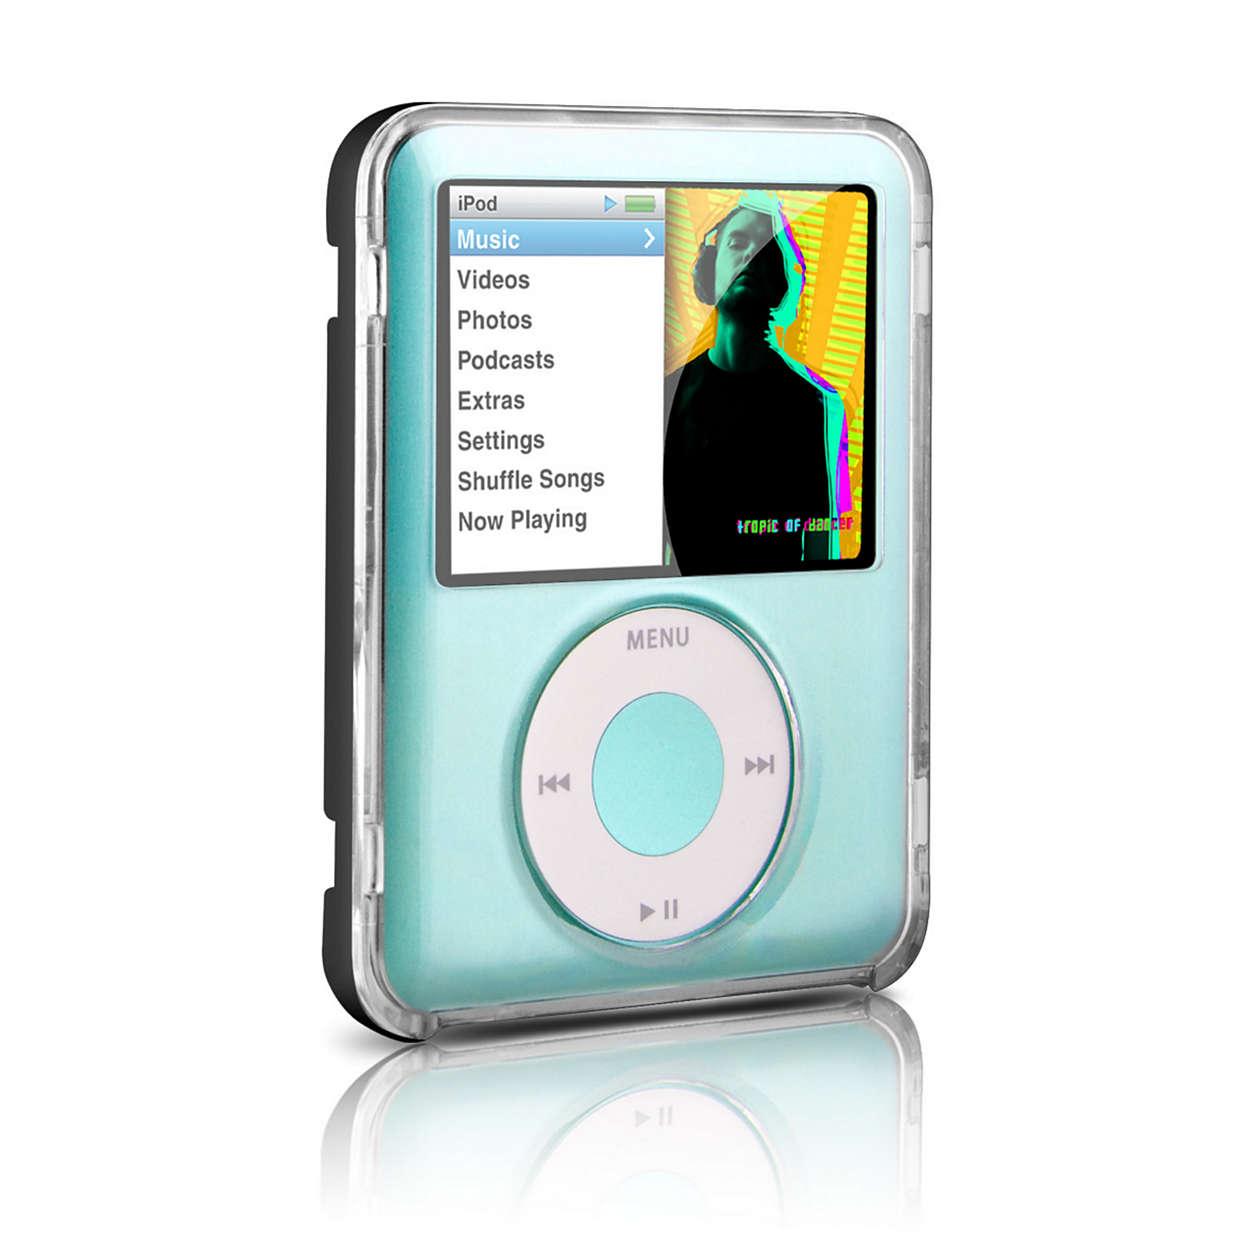 Chraňte své zařízení iPod průhledným obalem